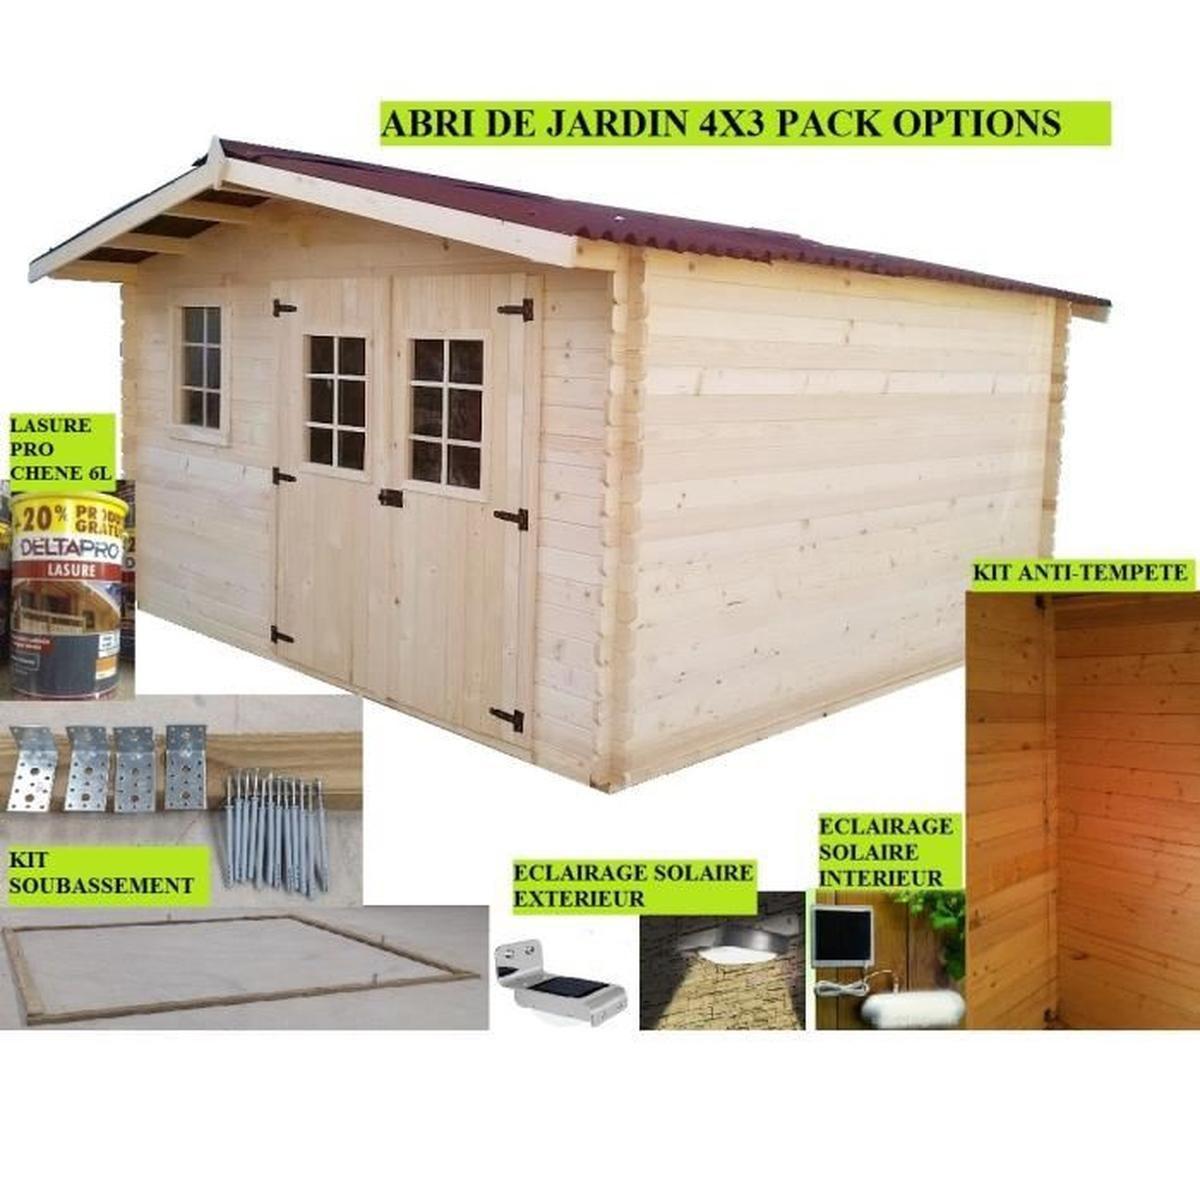 Abri De Jardin 4X3 + Pack Options - Achat / Vente Abri ... concernant Abri De Jardin En Kit